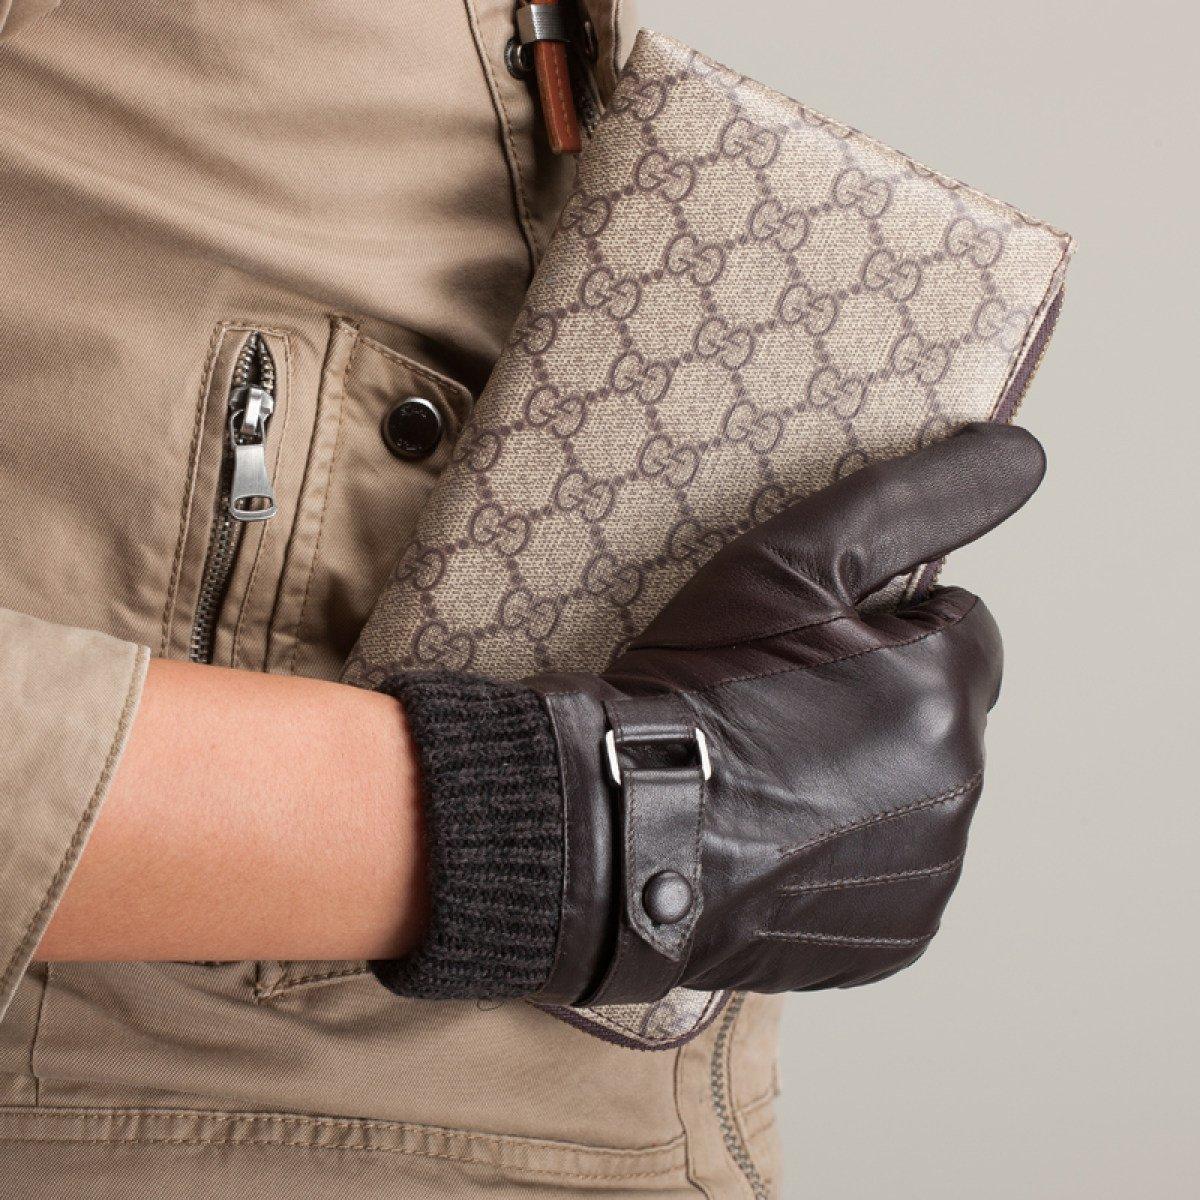 GBT Men & Leder 039;S Leder & mit Rüschen besetzte Handschuhe Herbst und Winter Warme Lederhandschuhe Short Classic Braun schwarz 7d9244